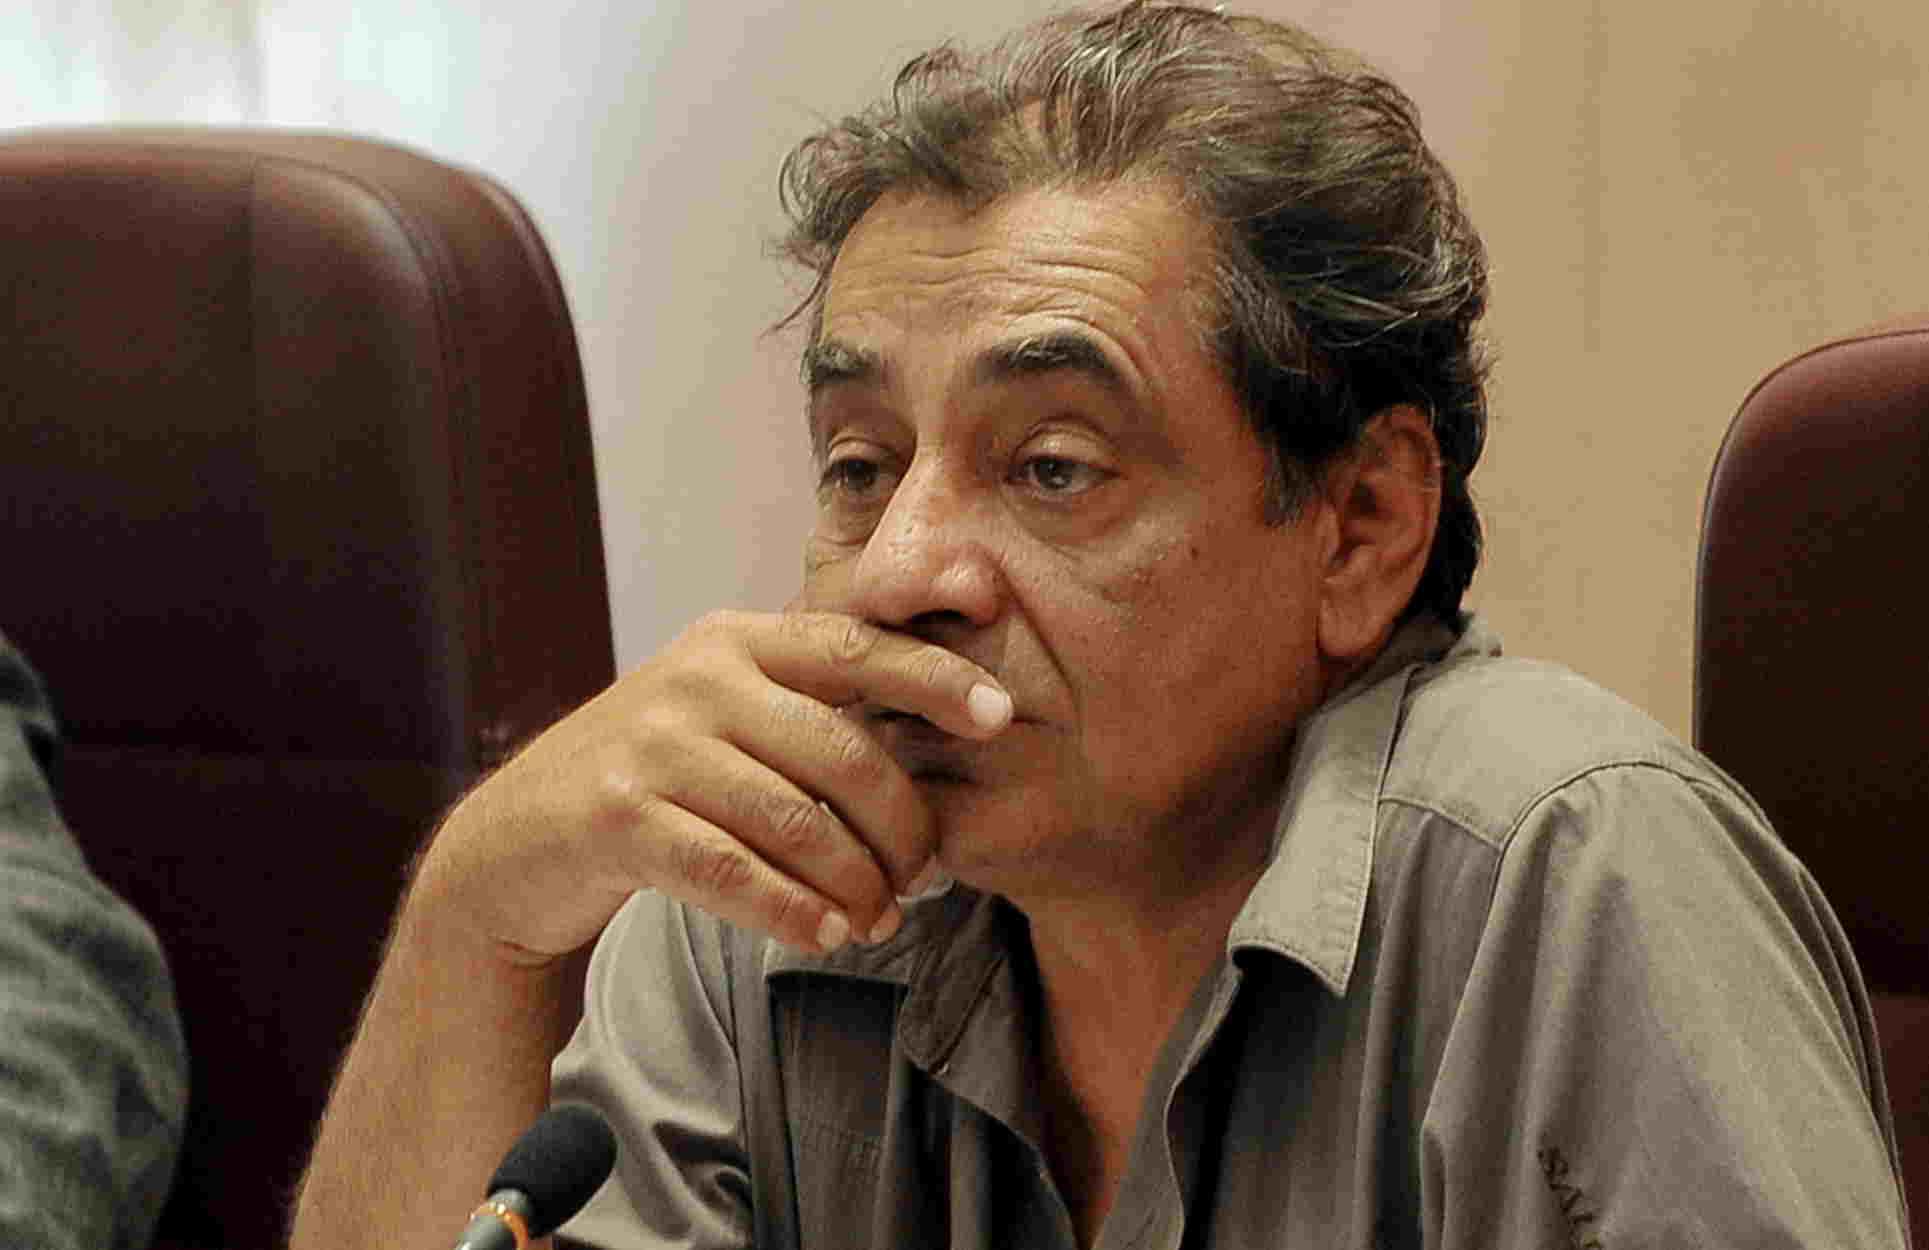 Αντώνης Καφετζόπουλος: «Κατηγορούν τον Γεράσιμο Σκιαδαρέση πως δεν μίλησε σε δουλειά με αθλιότητες»